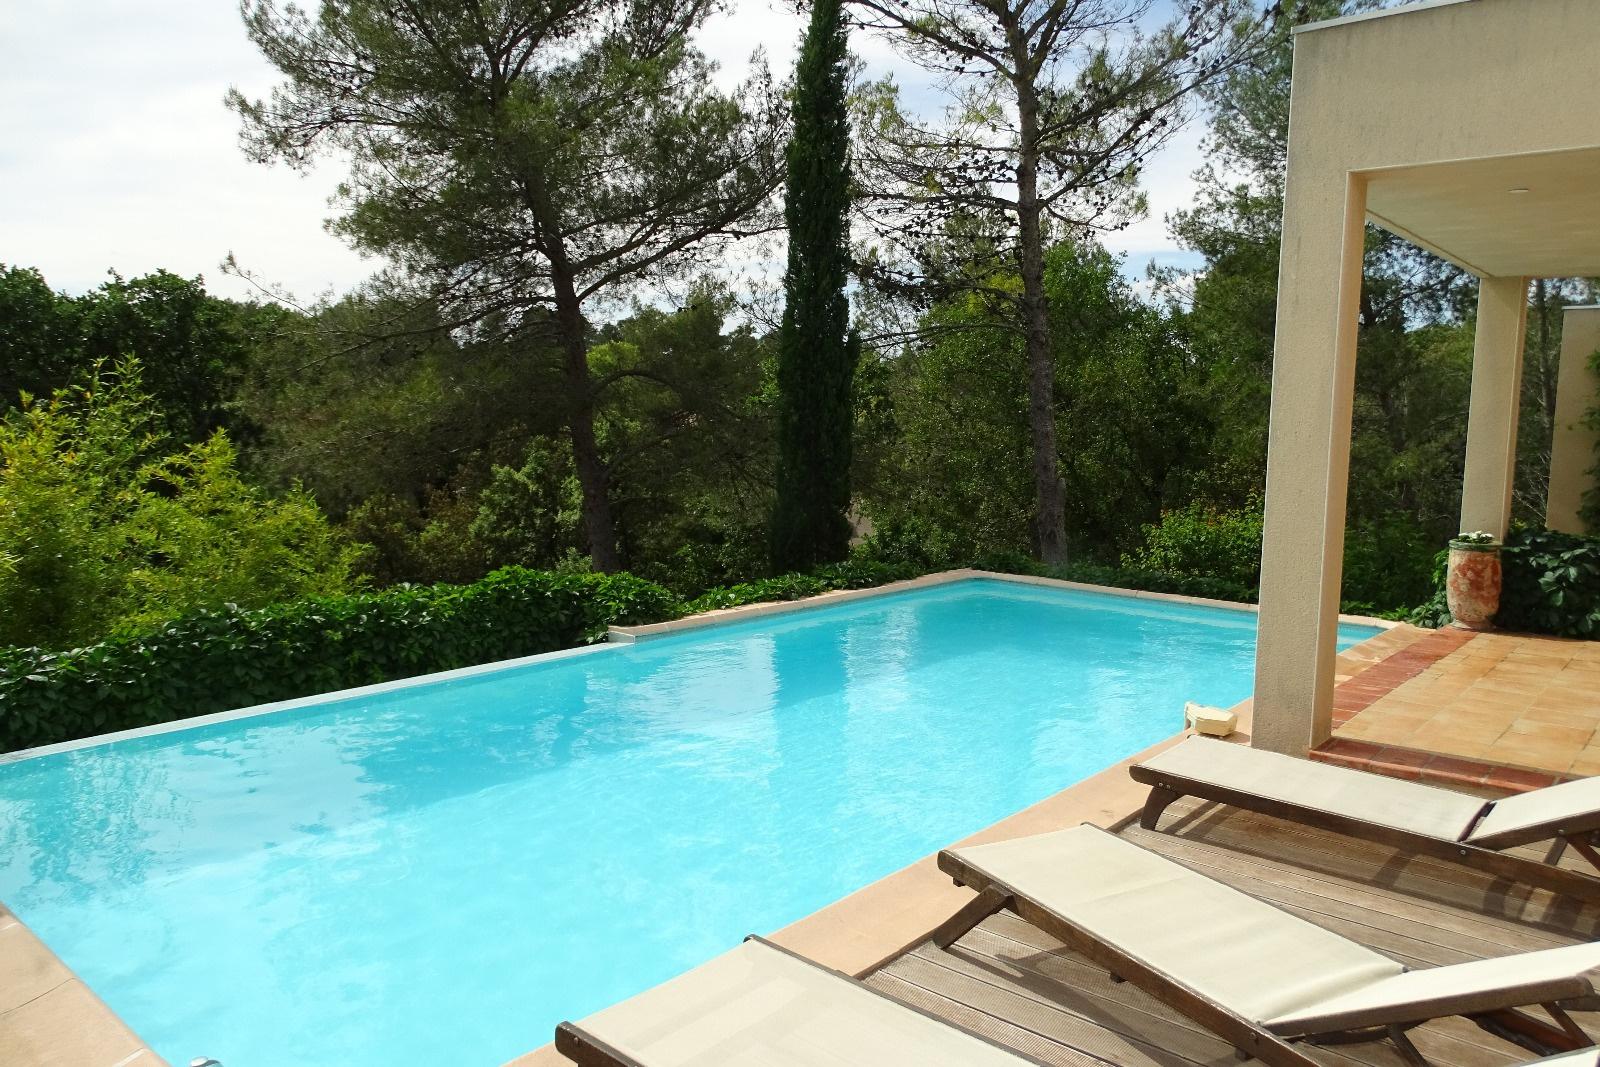 Vente nimes colline residentielle superbe villa for Garage ad nimes